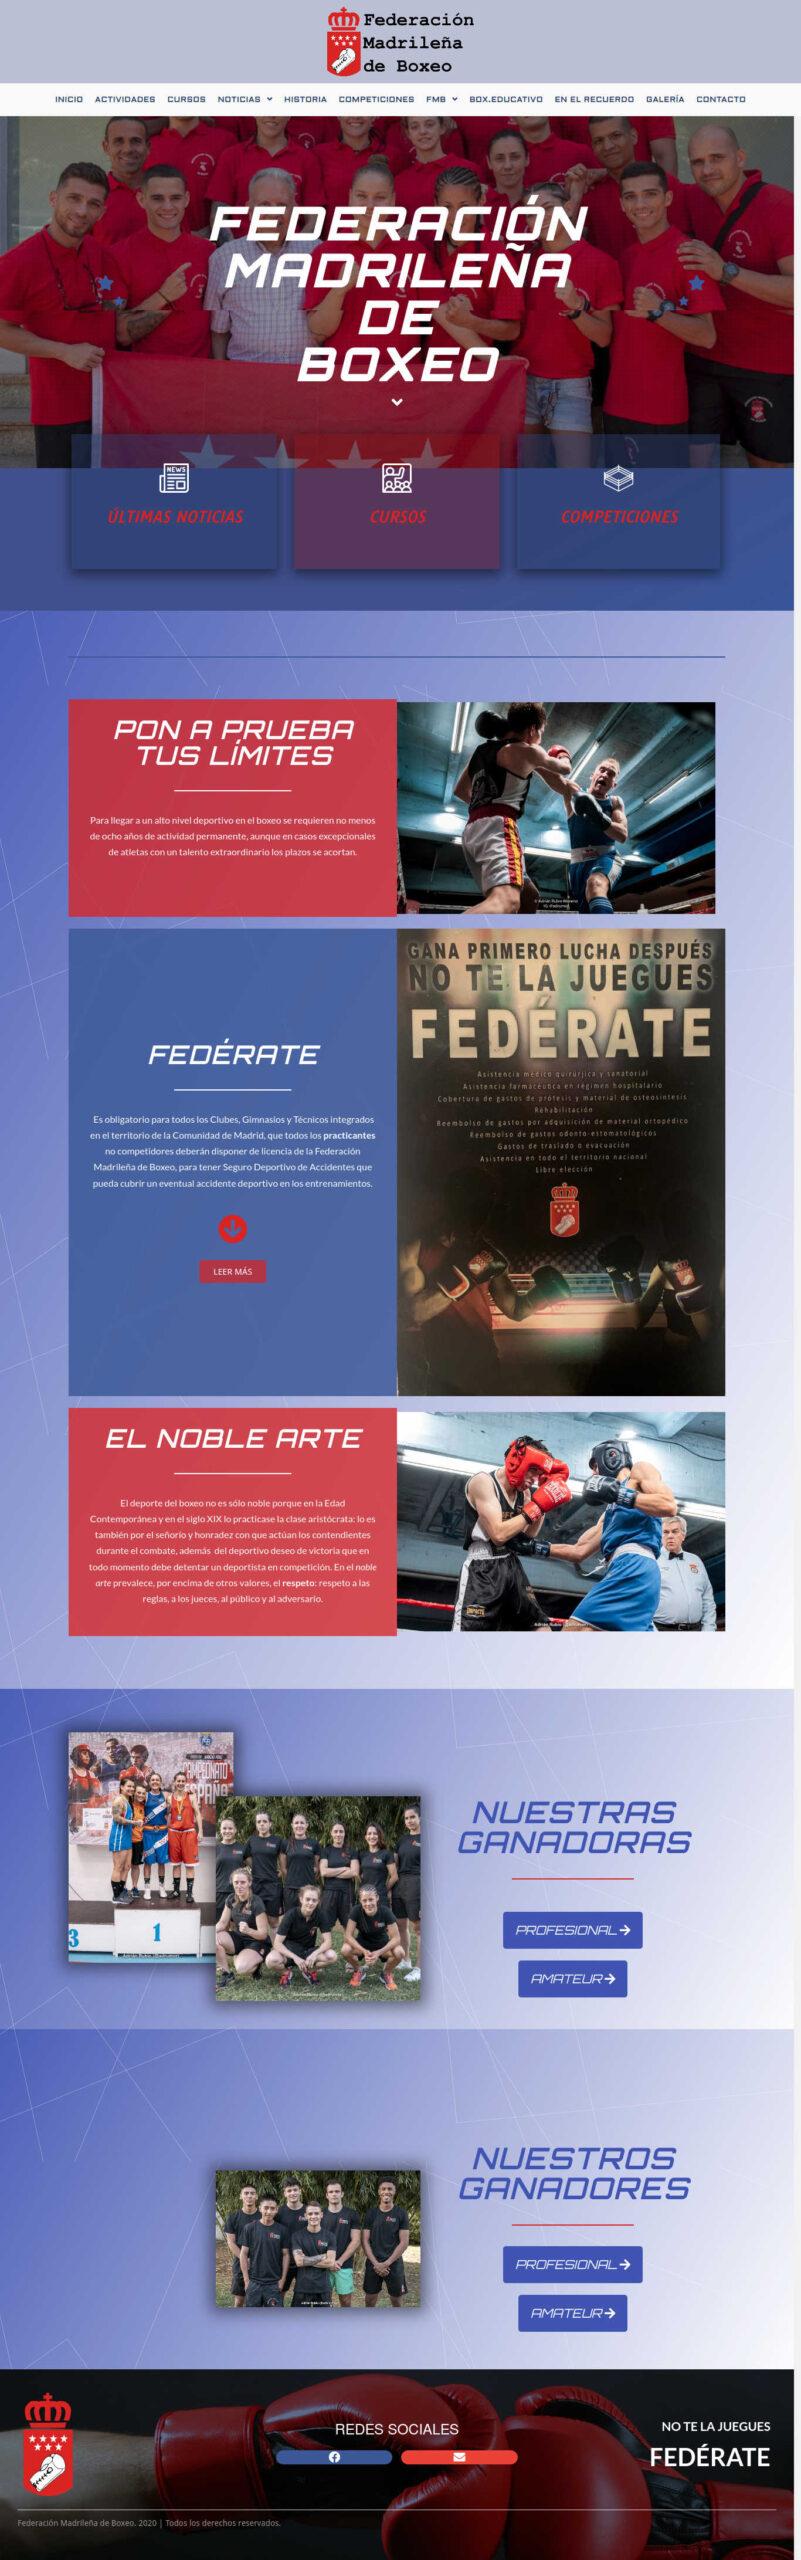 Federación Madrileña de Boxeo - fedmadboxeo.es